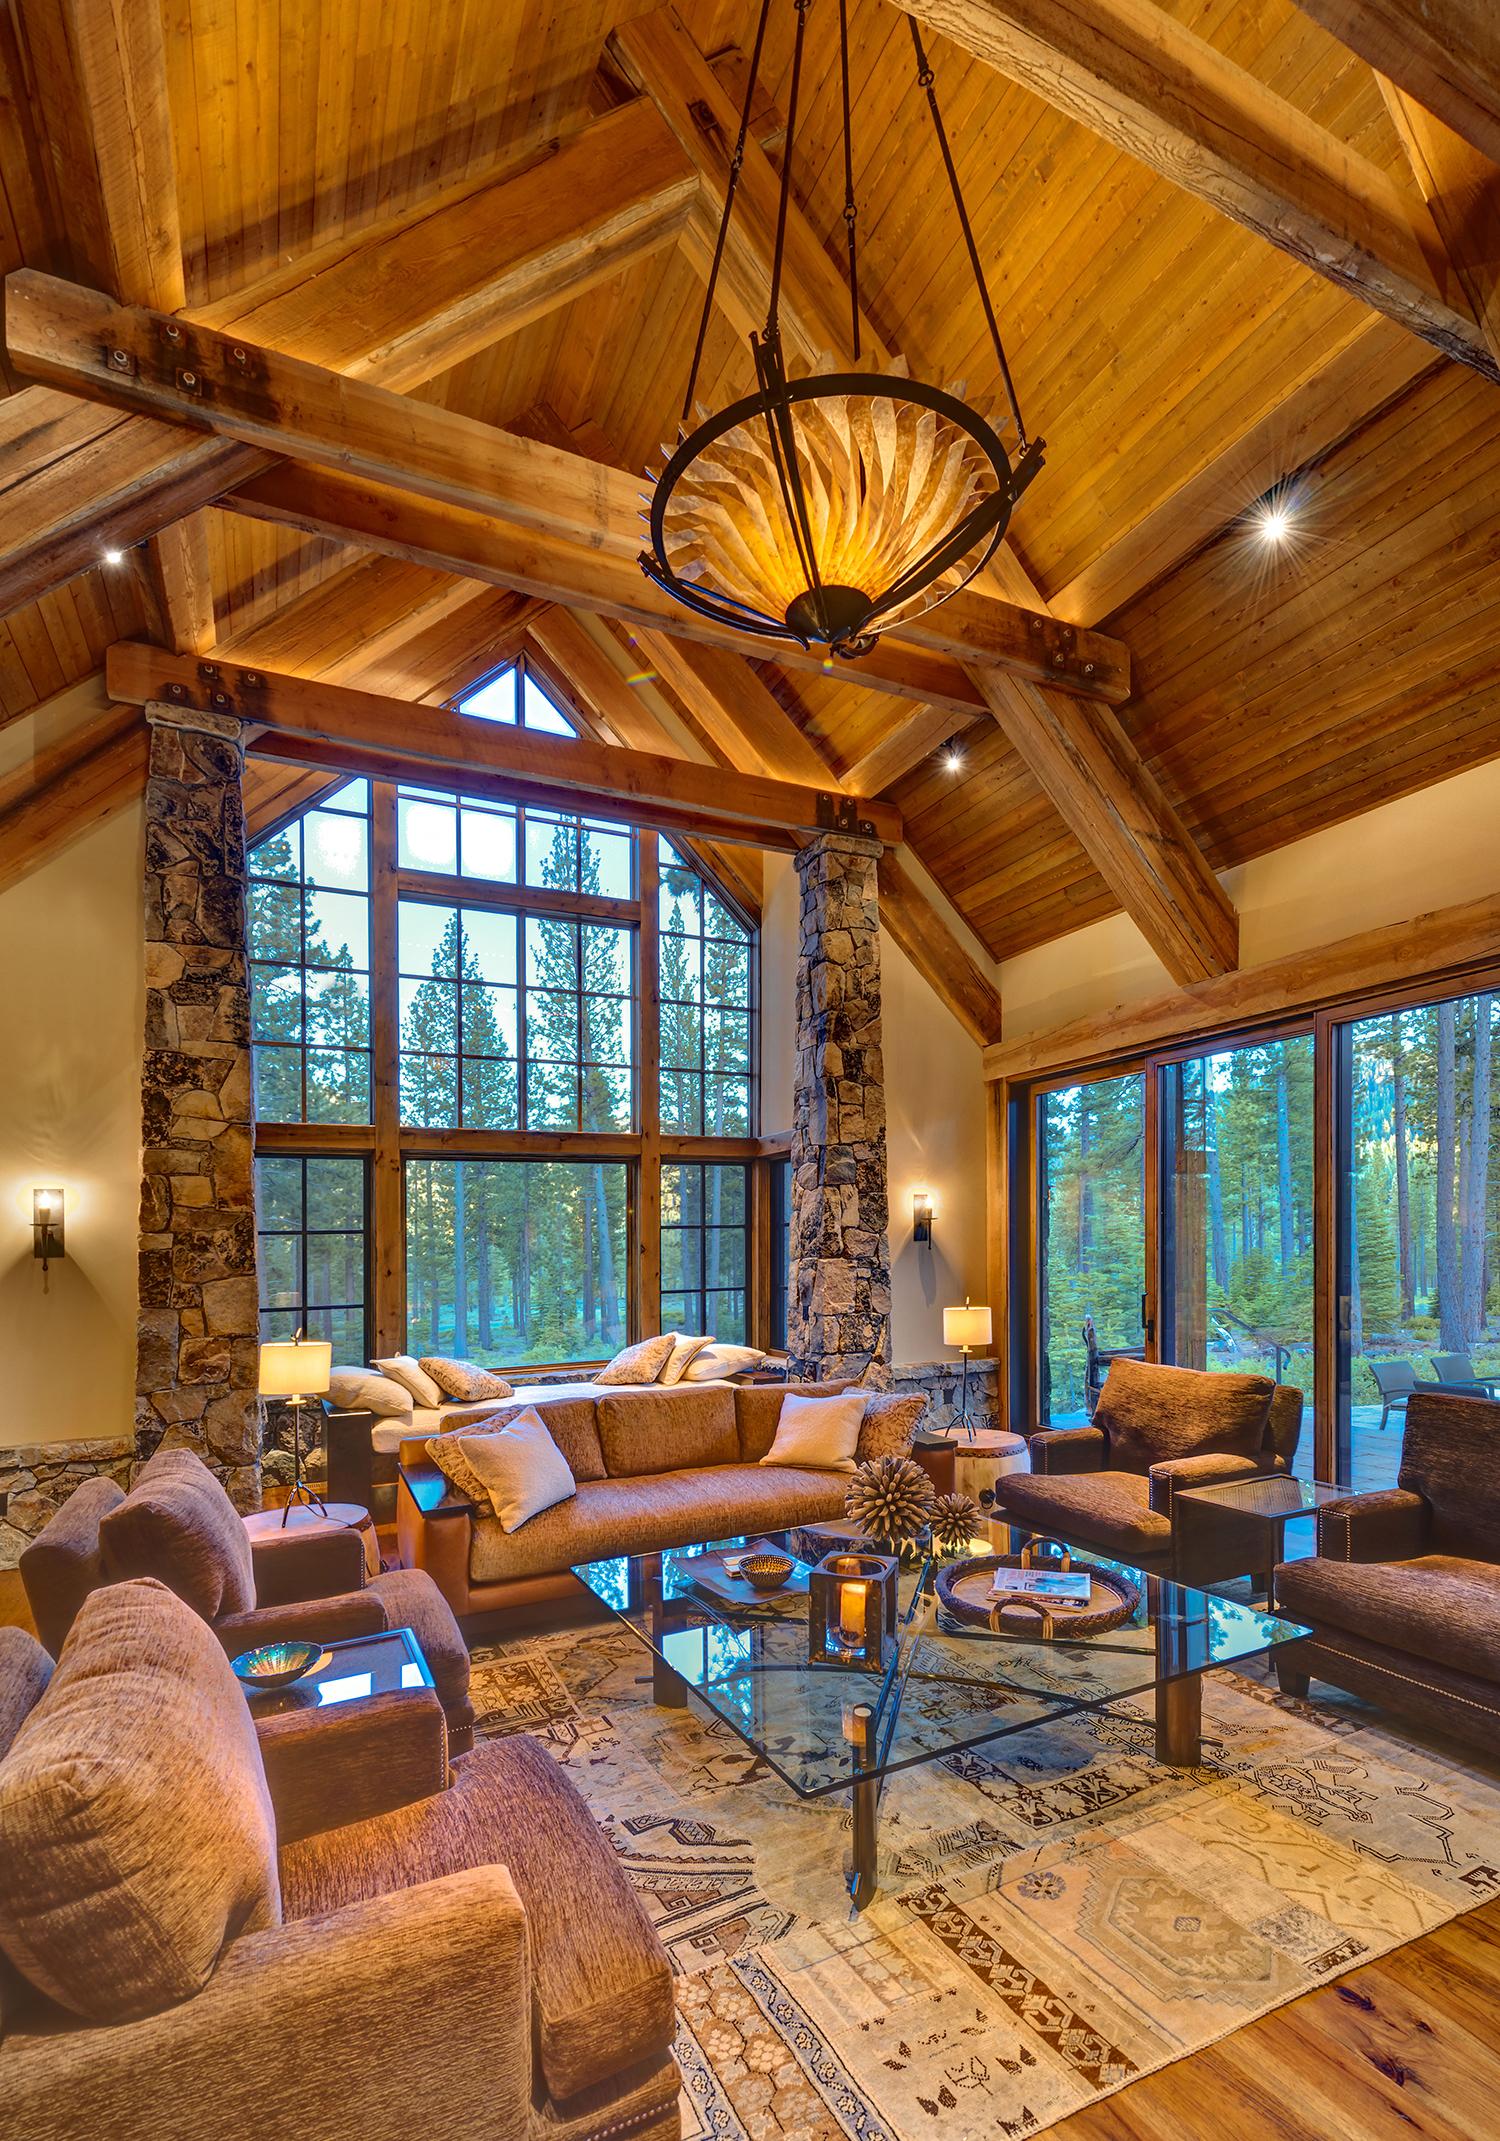 Lot 182_Living Room_Wood Ceilings_Wood Beams_Windows.jpg